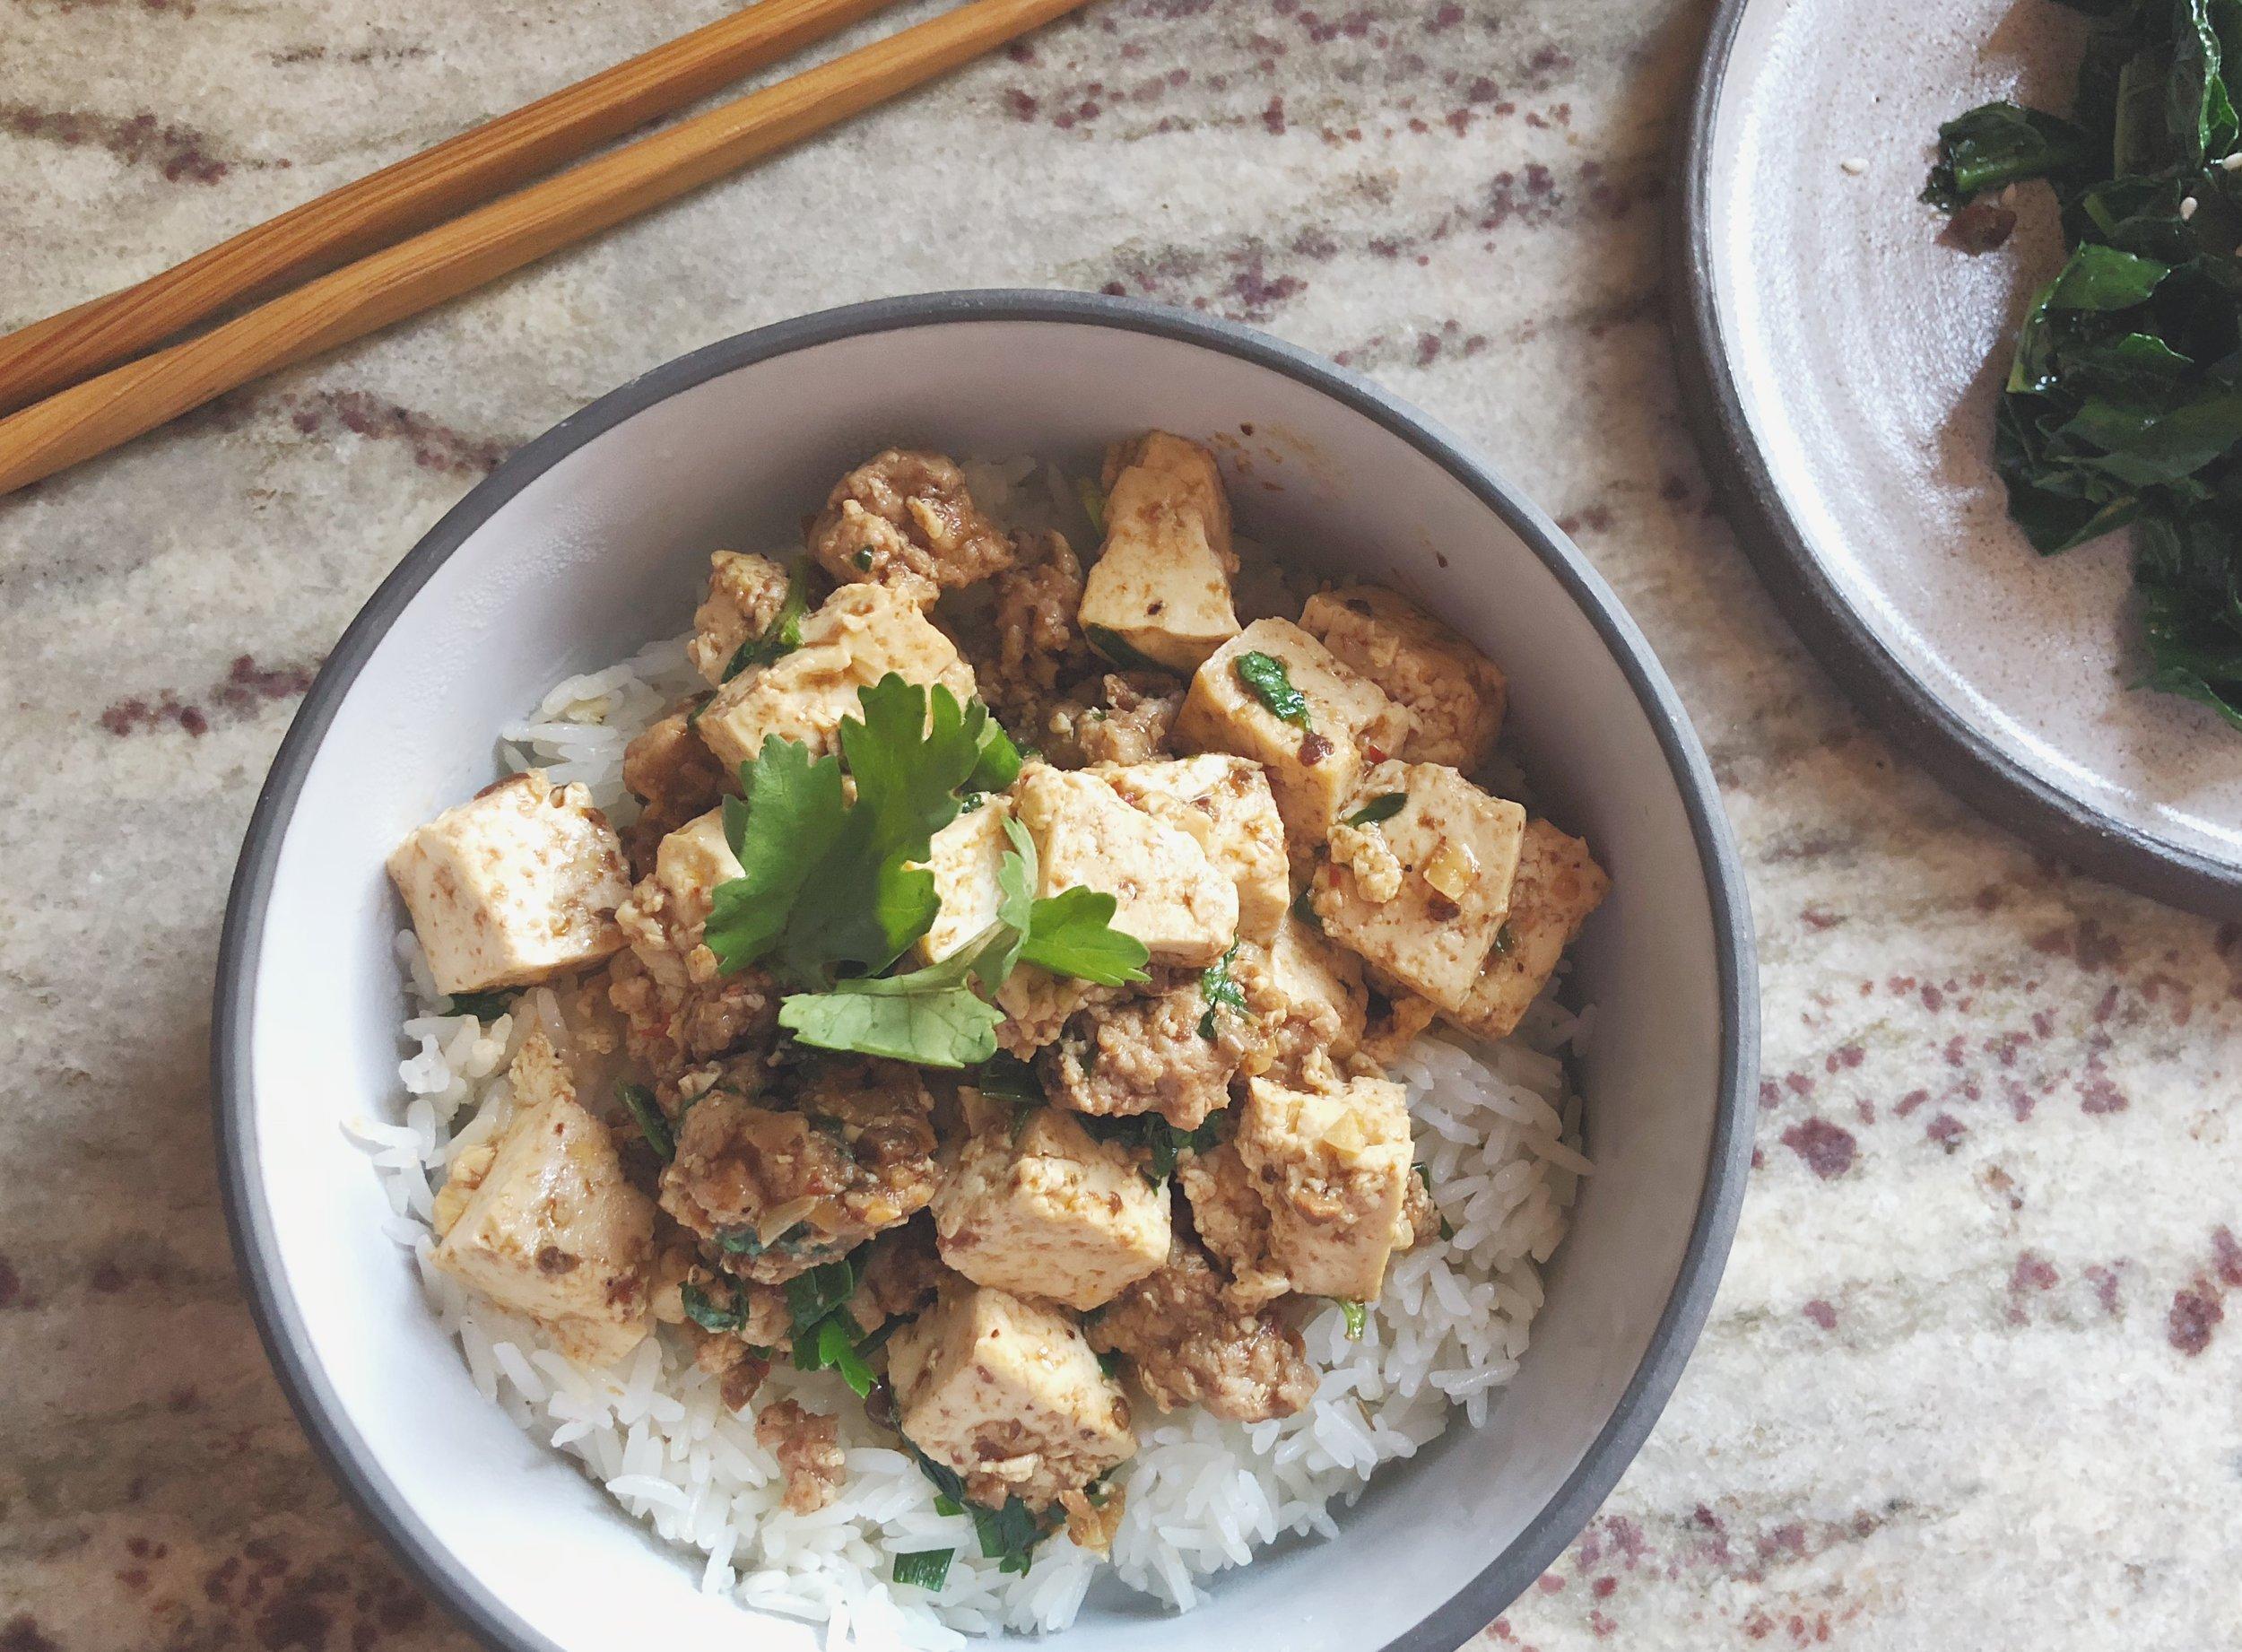 Ma Po Tofu Sichuan